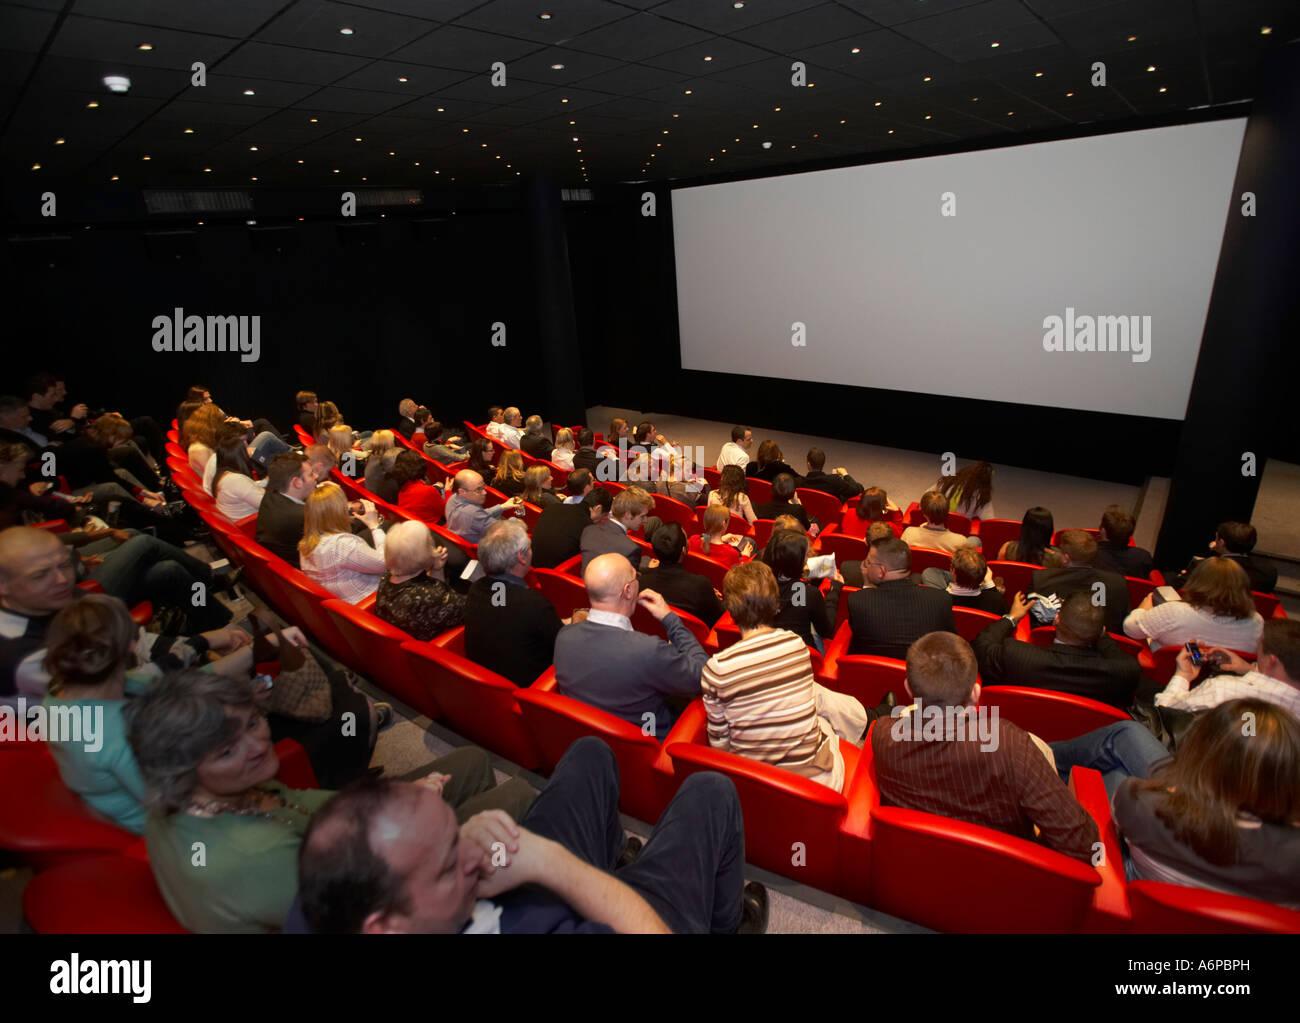 Les gens qui regardent un écran de cinéma dans un théâtre Photo Stock